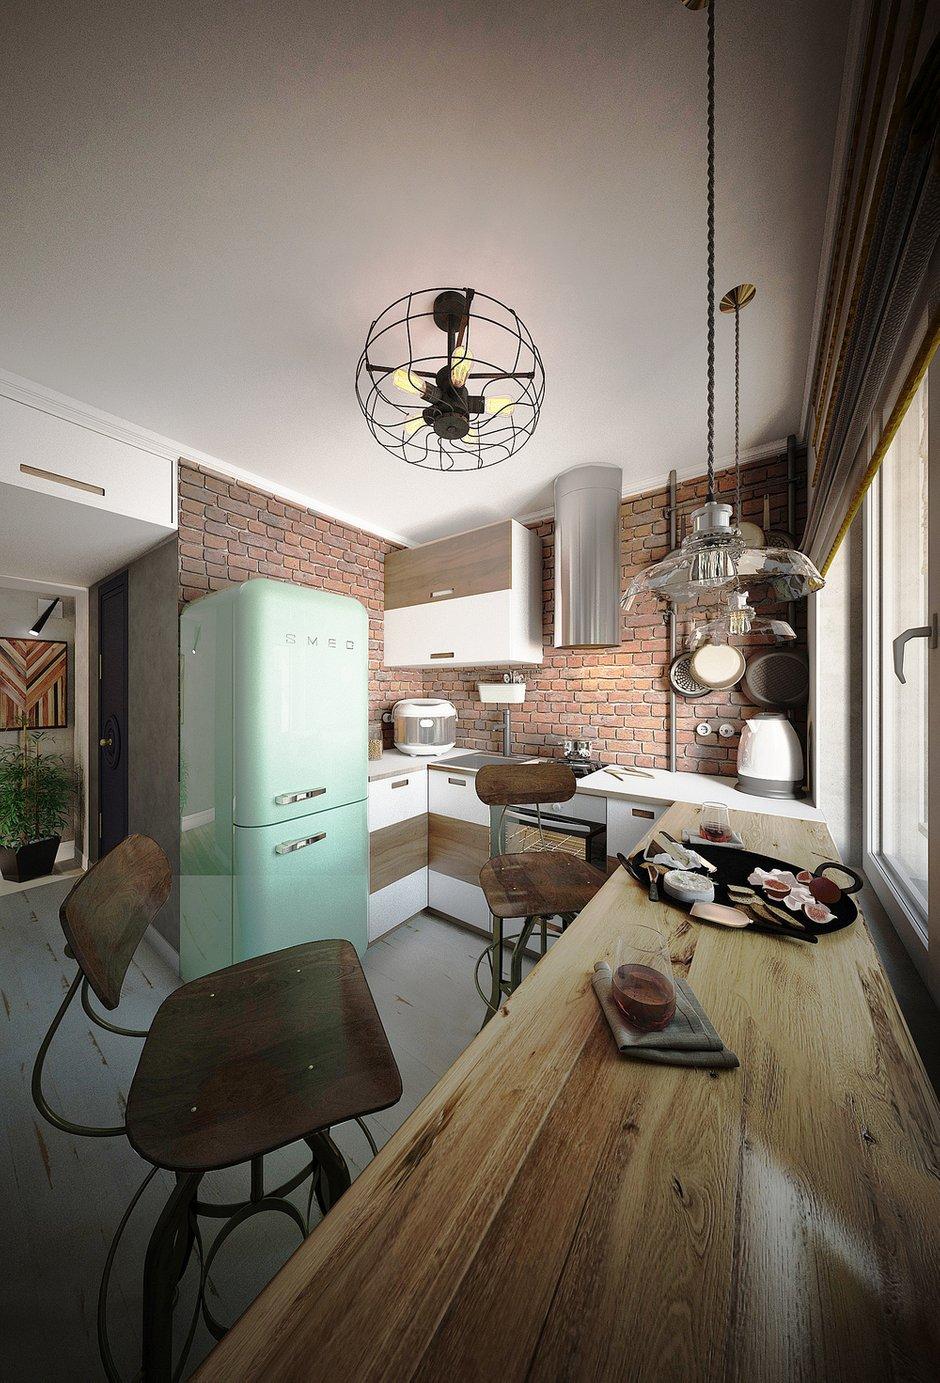 Фотография: Кухня и столовая в стиле Лофт, Малогабаритная квартира, Квартира, Московская область, II-49, Панельный дом, 2 комнаты, 40-60 метров, Диана Пономарева – фото на INMYROOM